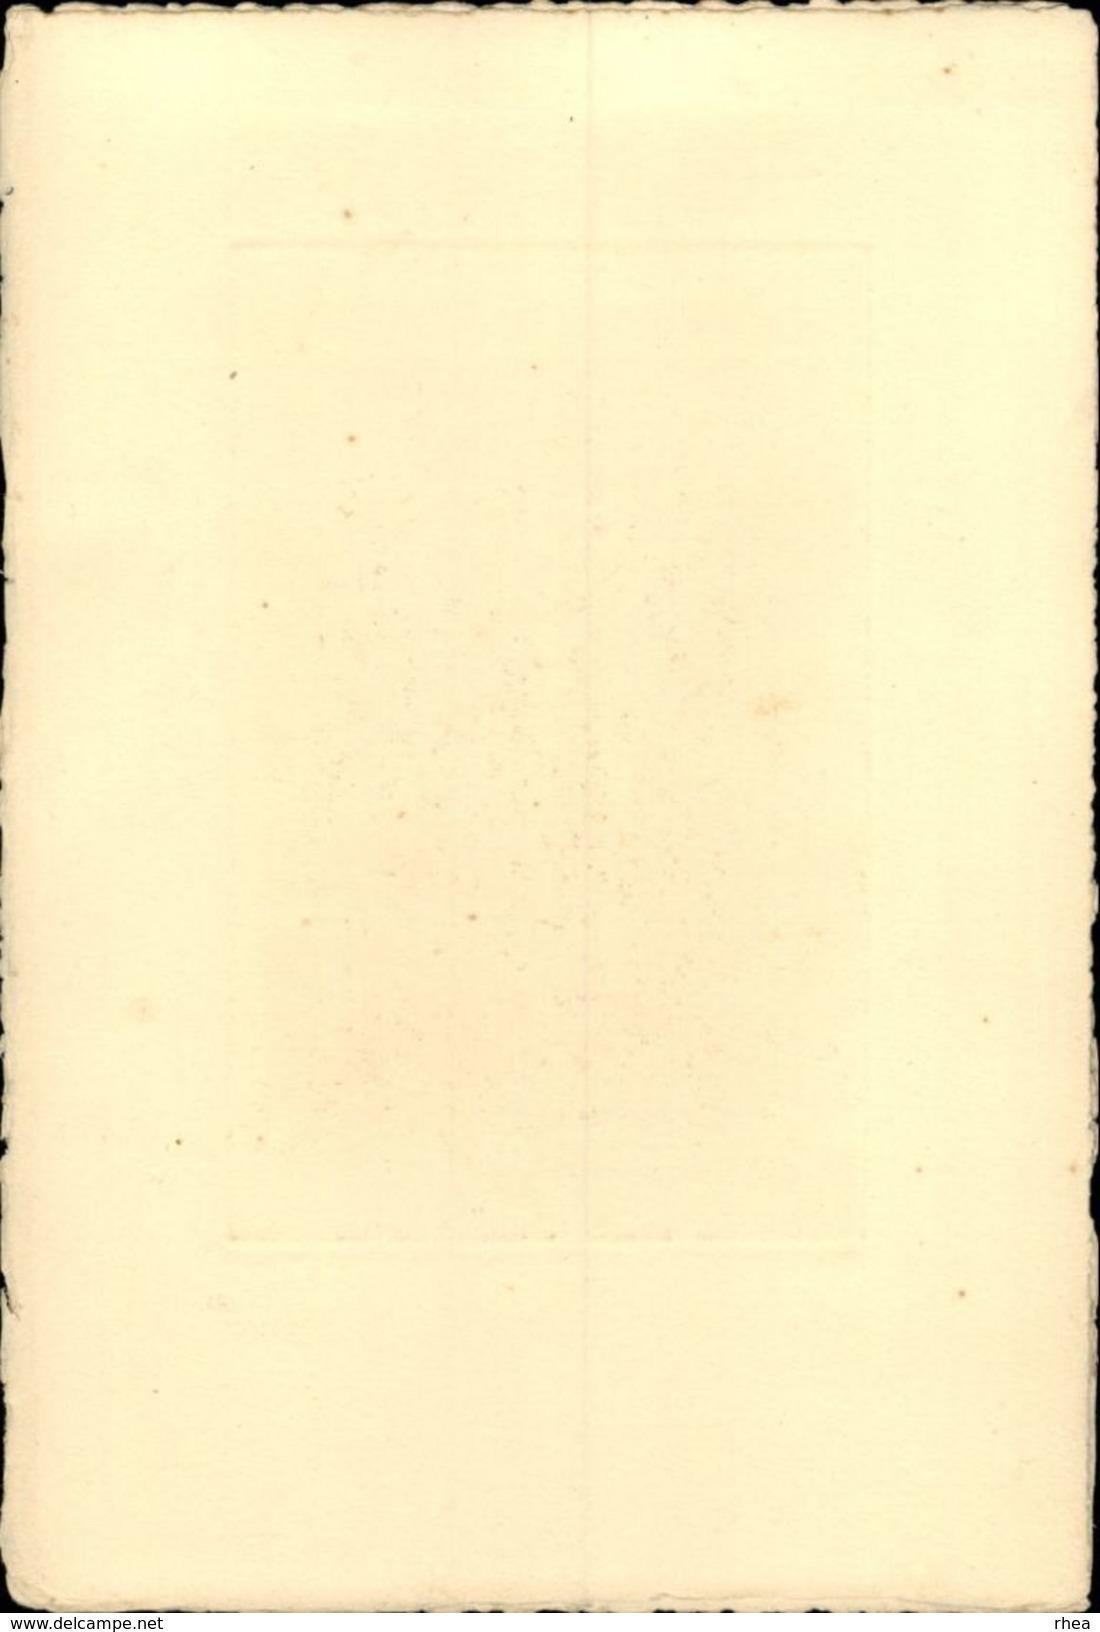 67 - STRASBOURG - Dessin De ROBIN - Dessin Signé à La Main - Vieux Papiers